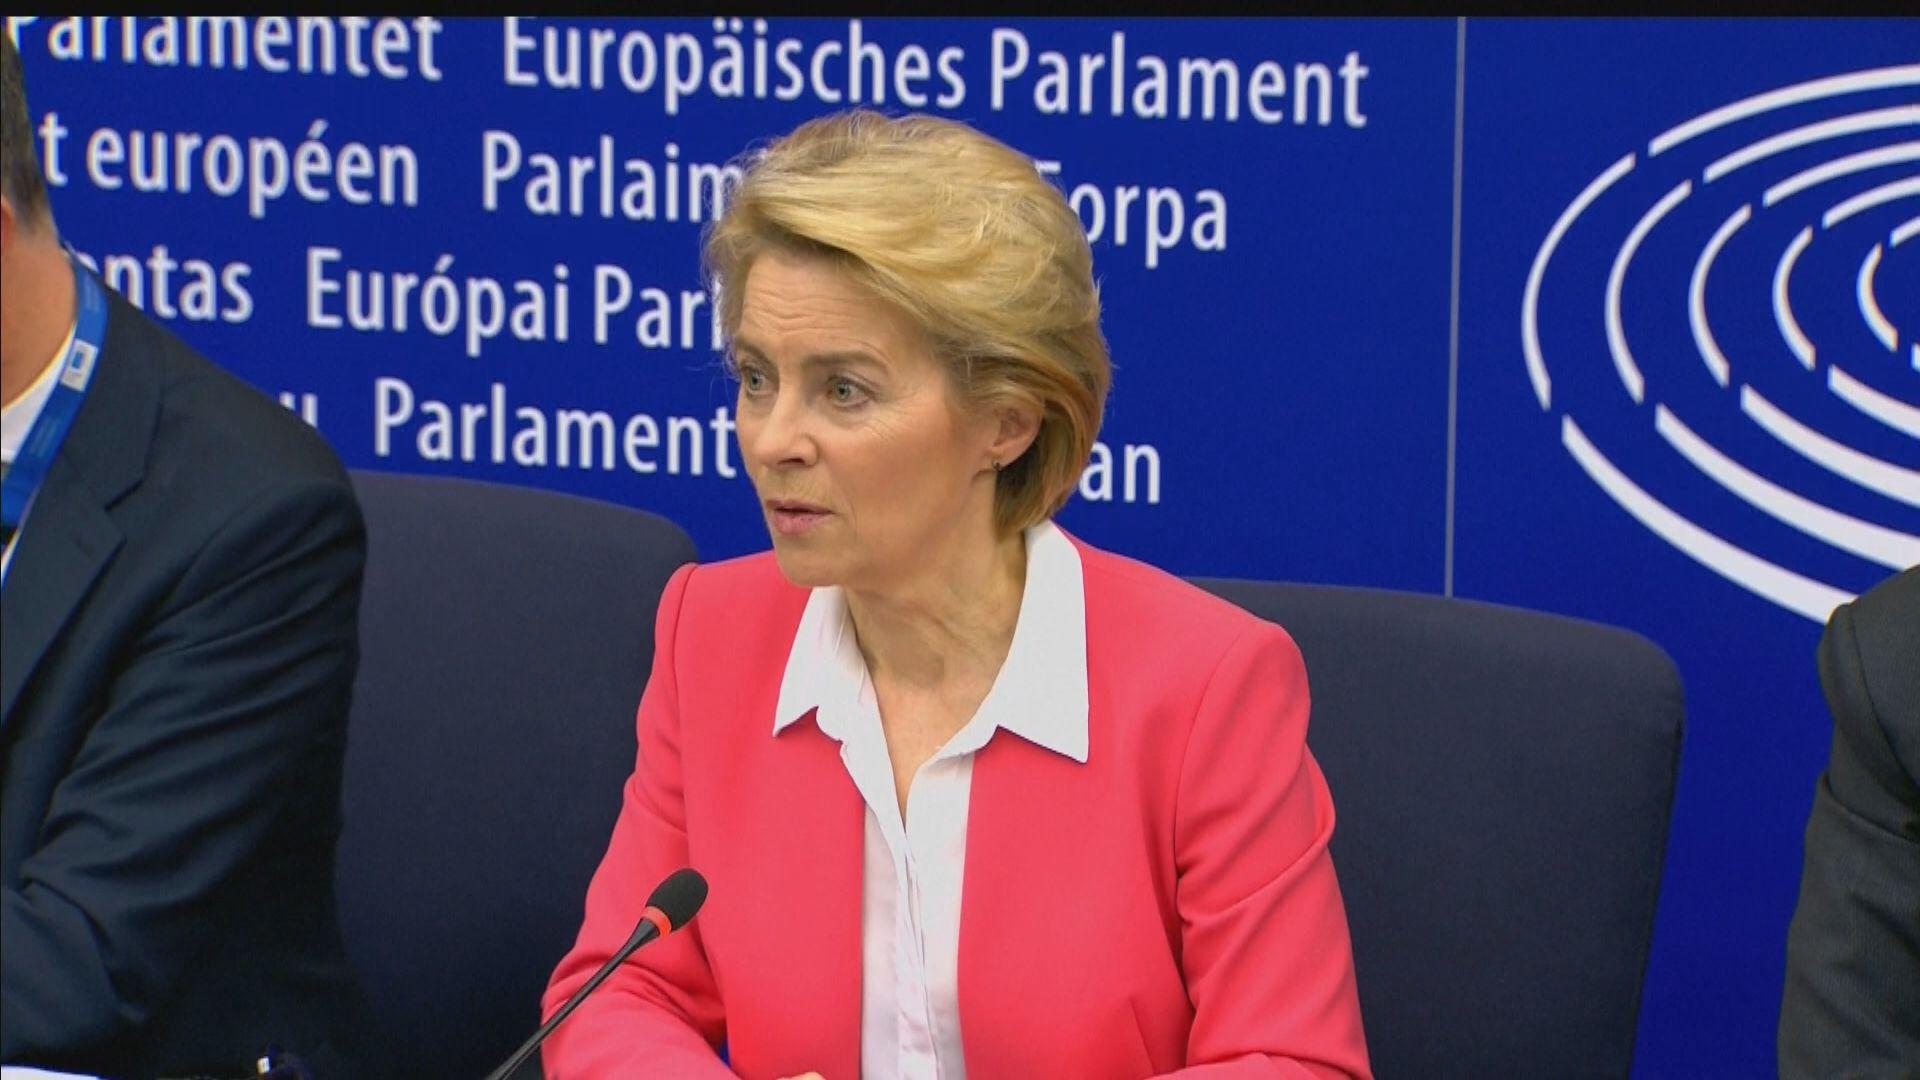 歐洲議會通過馮德萊恩任歐盟委員會主席